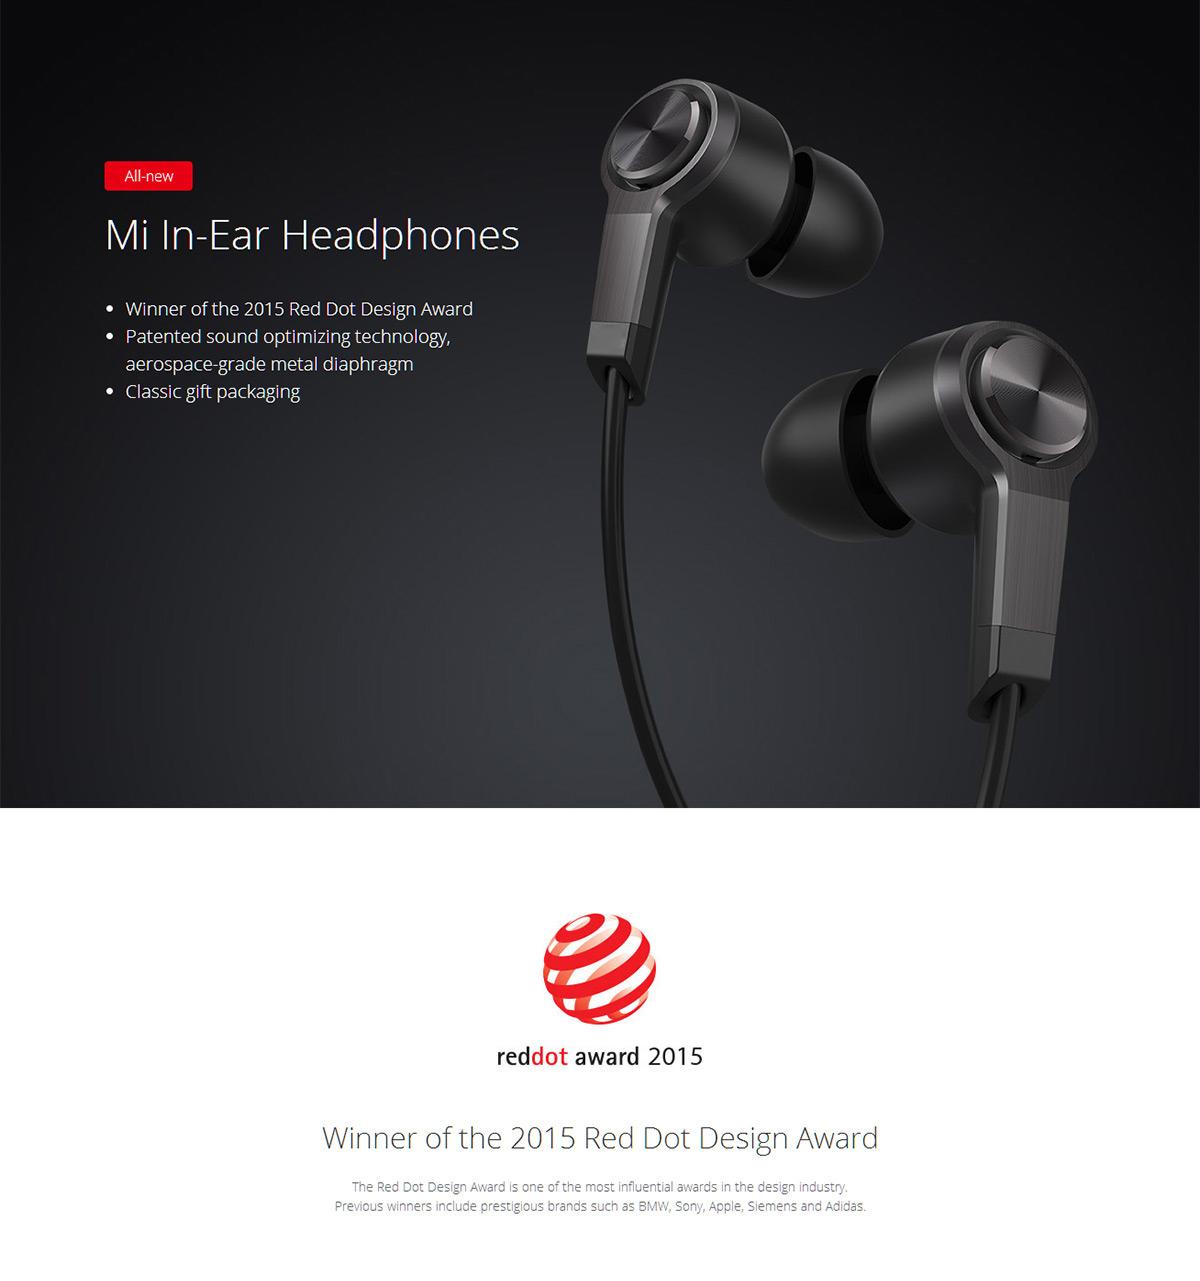 [Gearbest] Original Xiaomi Piston Earphones - 3rd Generation zum Bestpreis 11,89€